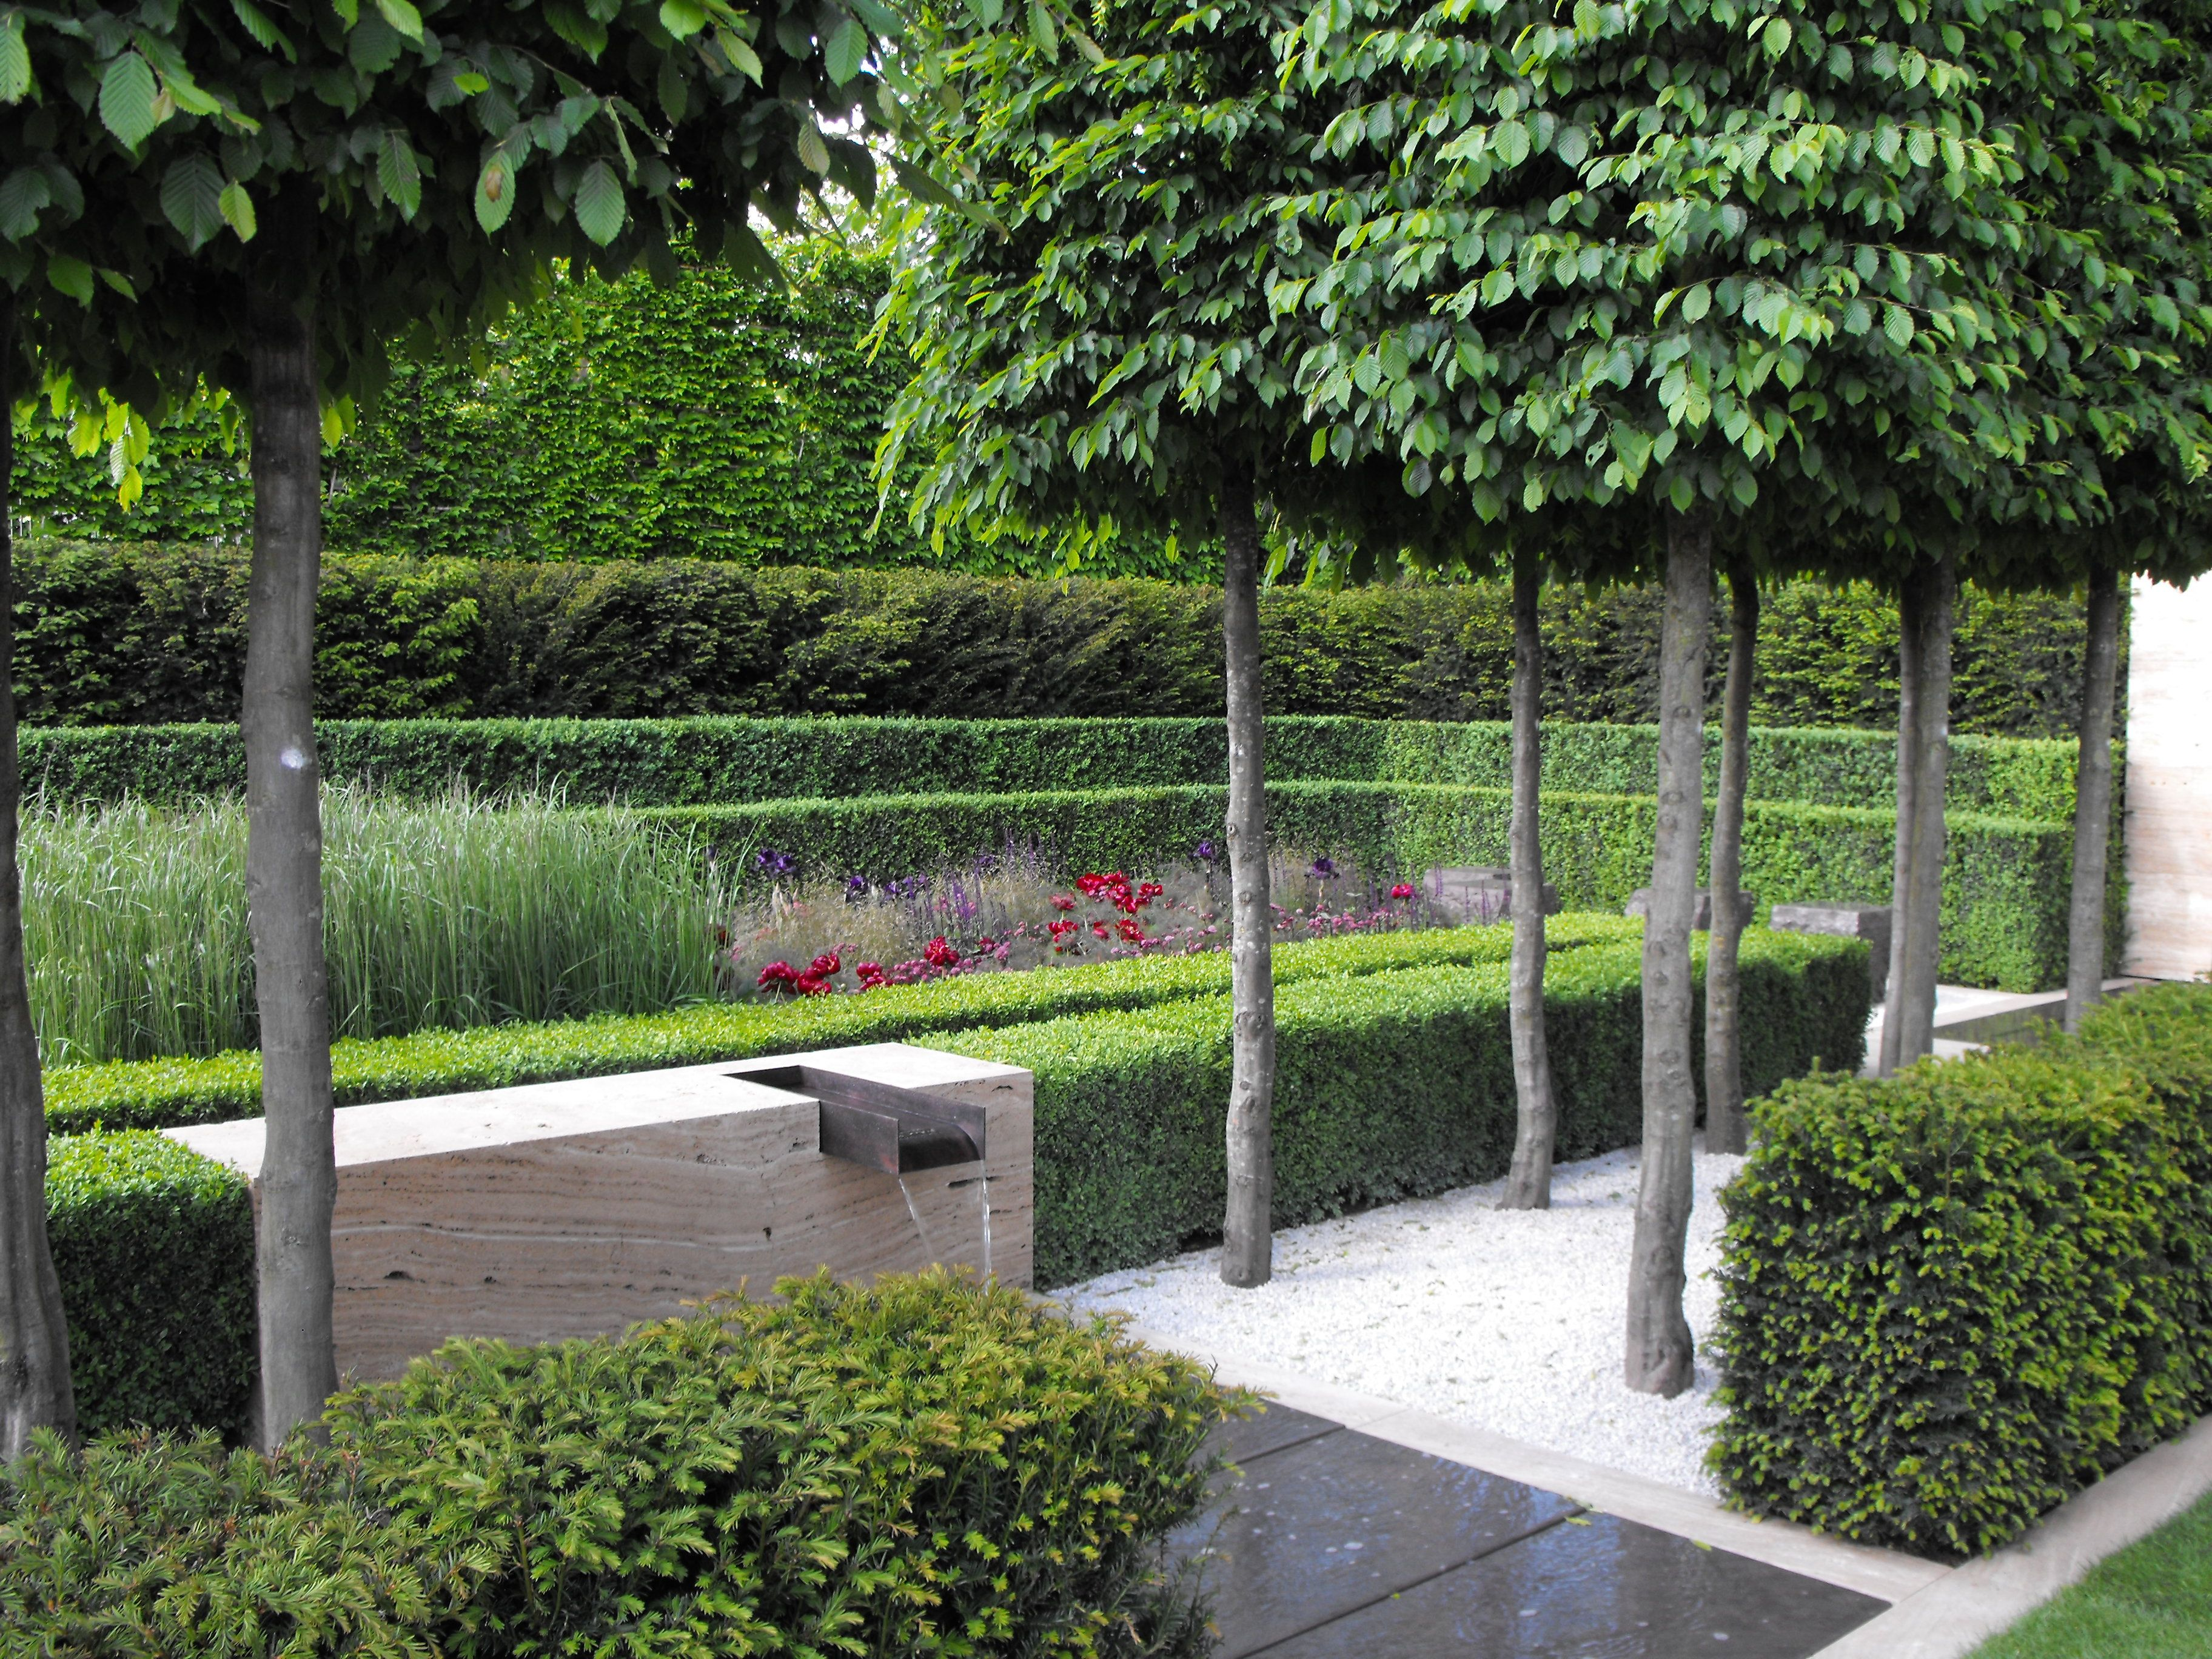 luciano giubbilei chelsea show garden 2009